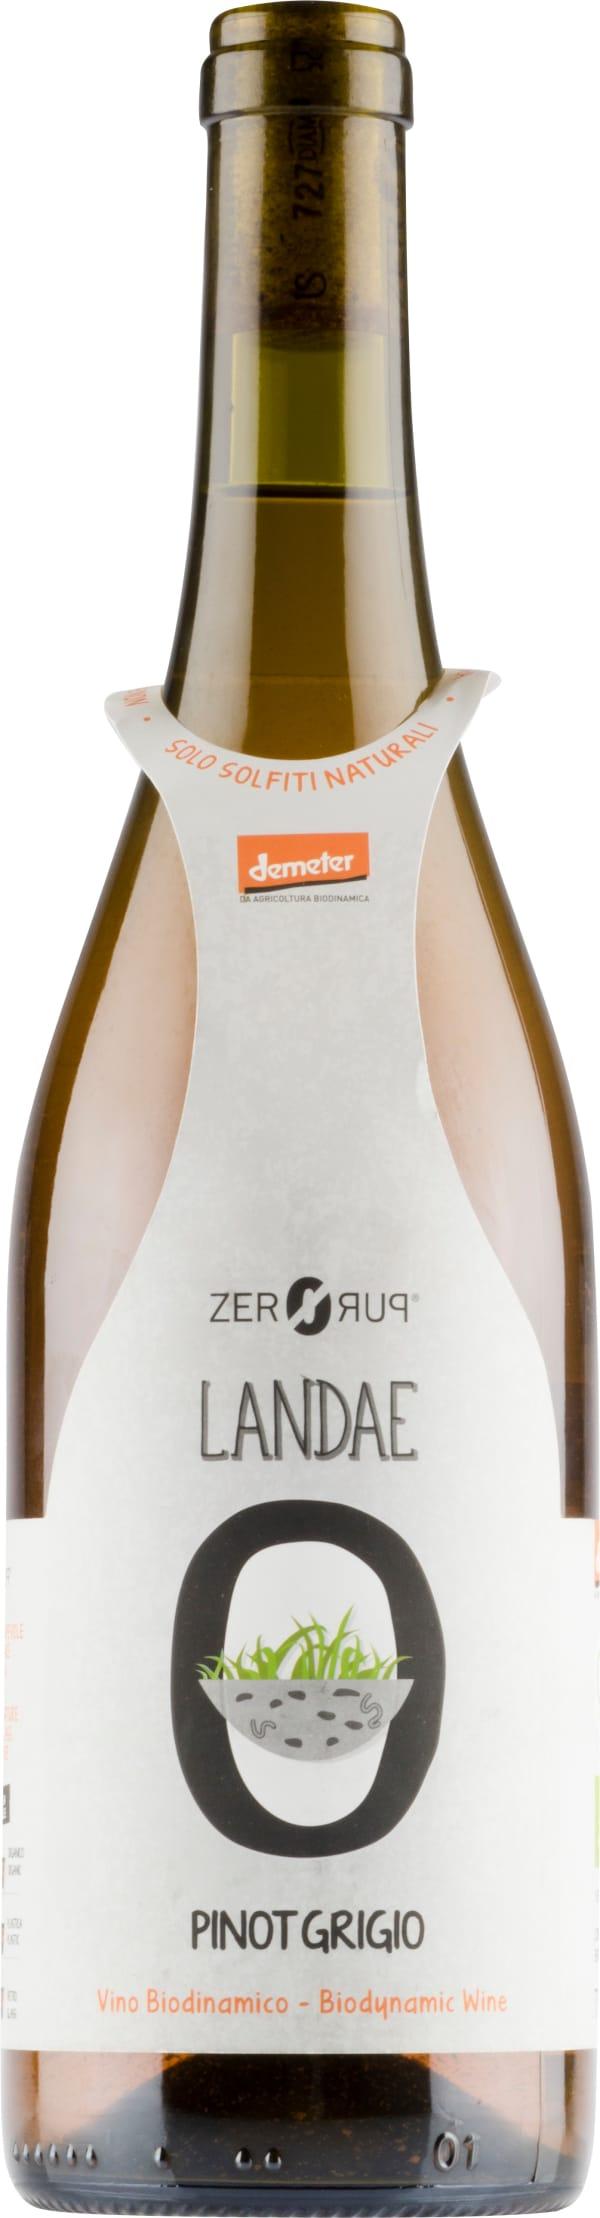 ZeroPuro Landae Pinot Grigio 2018